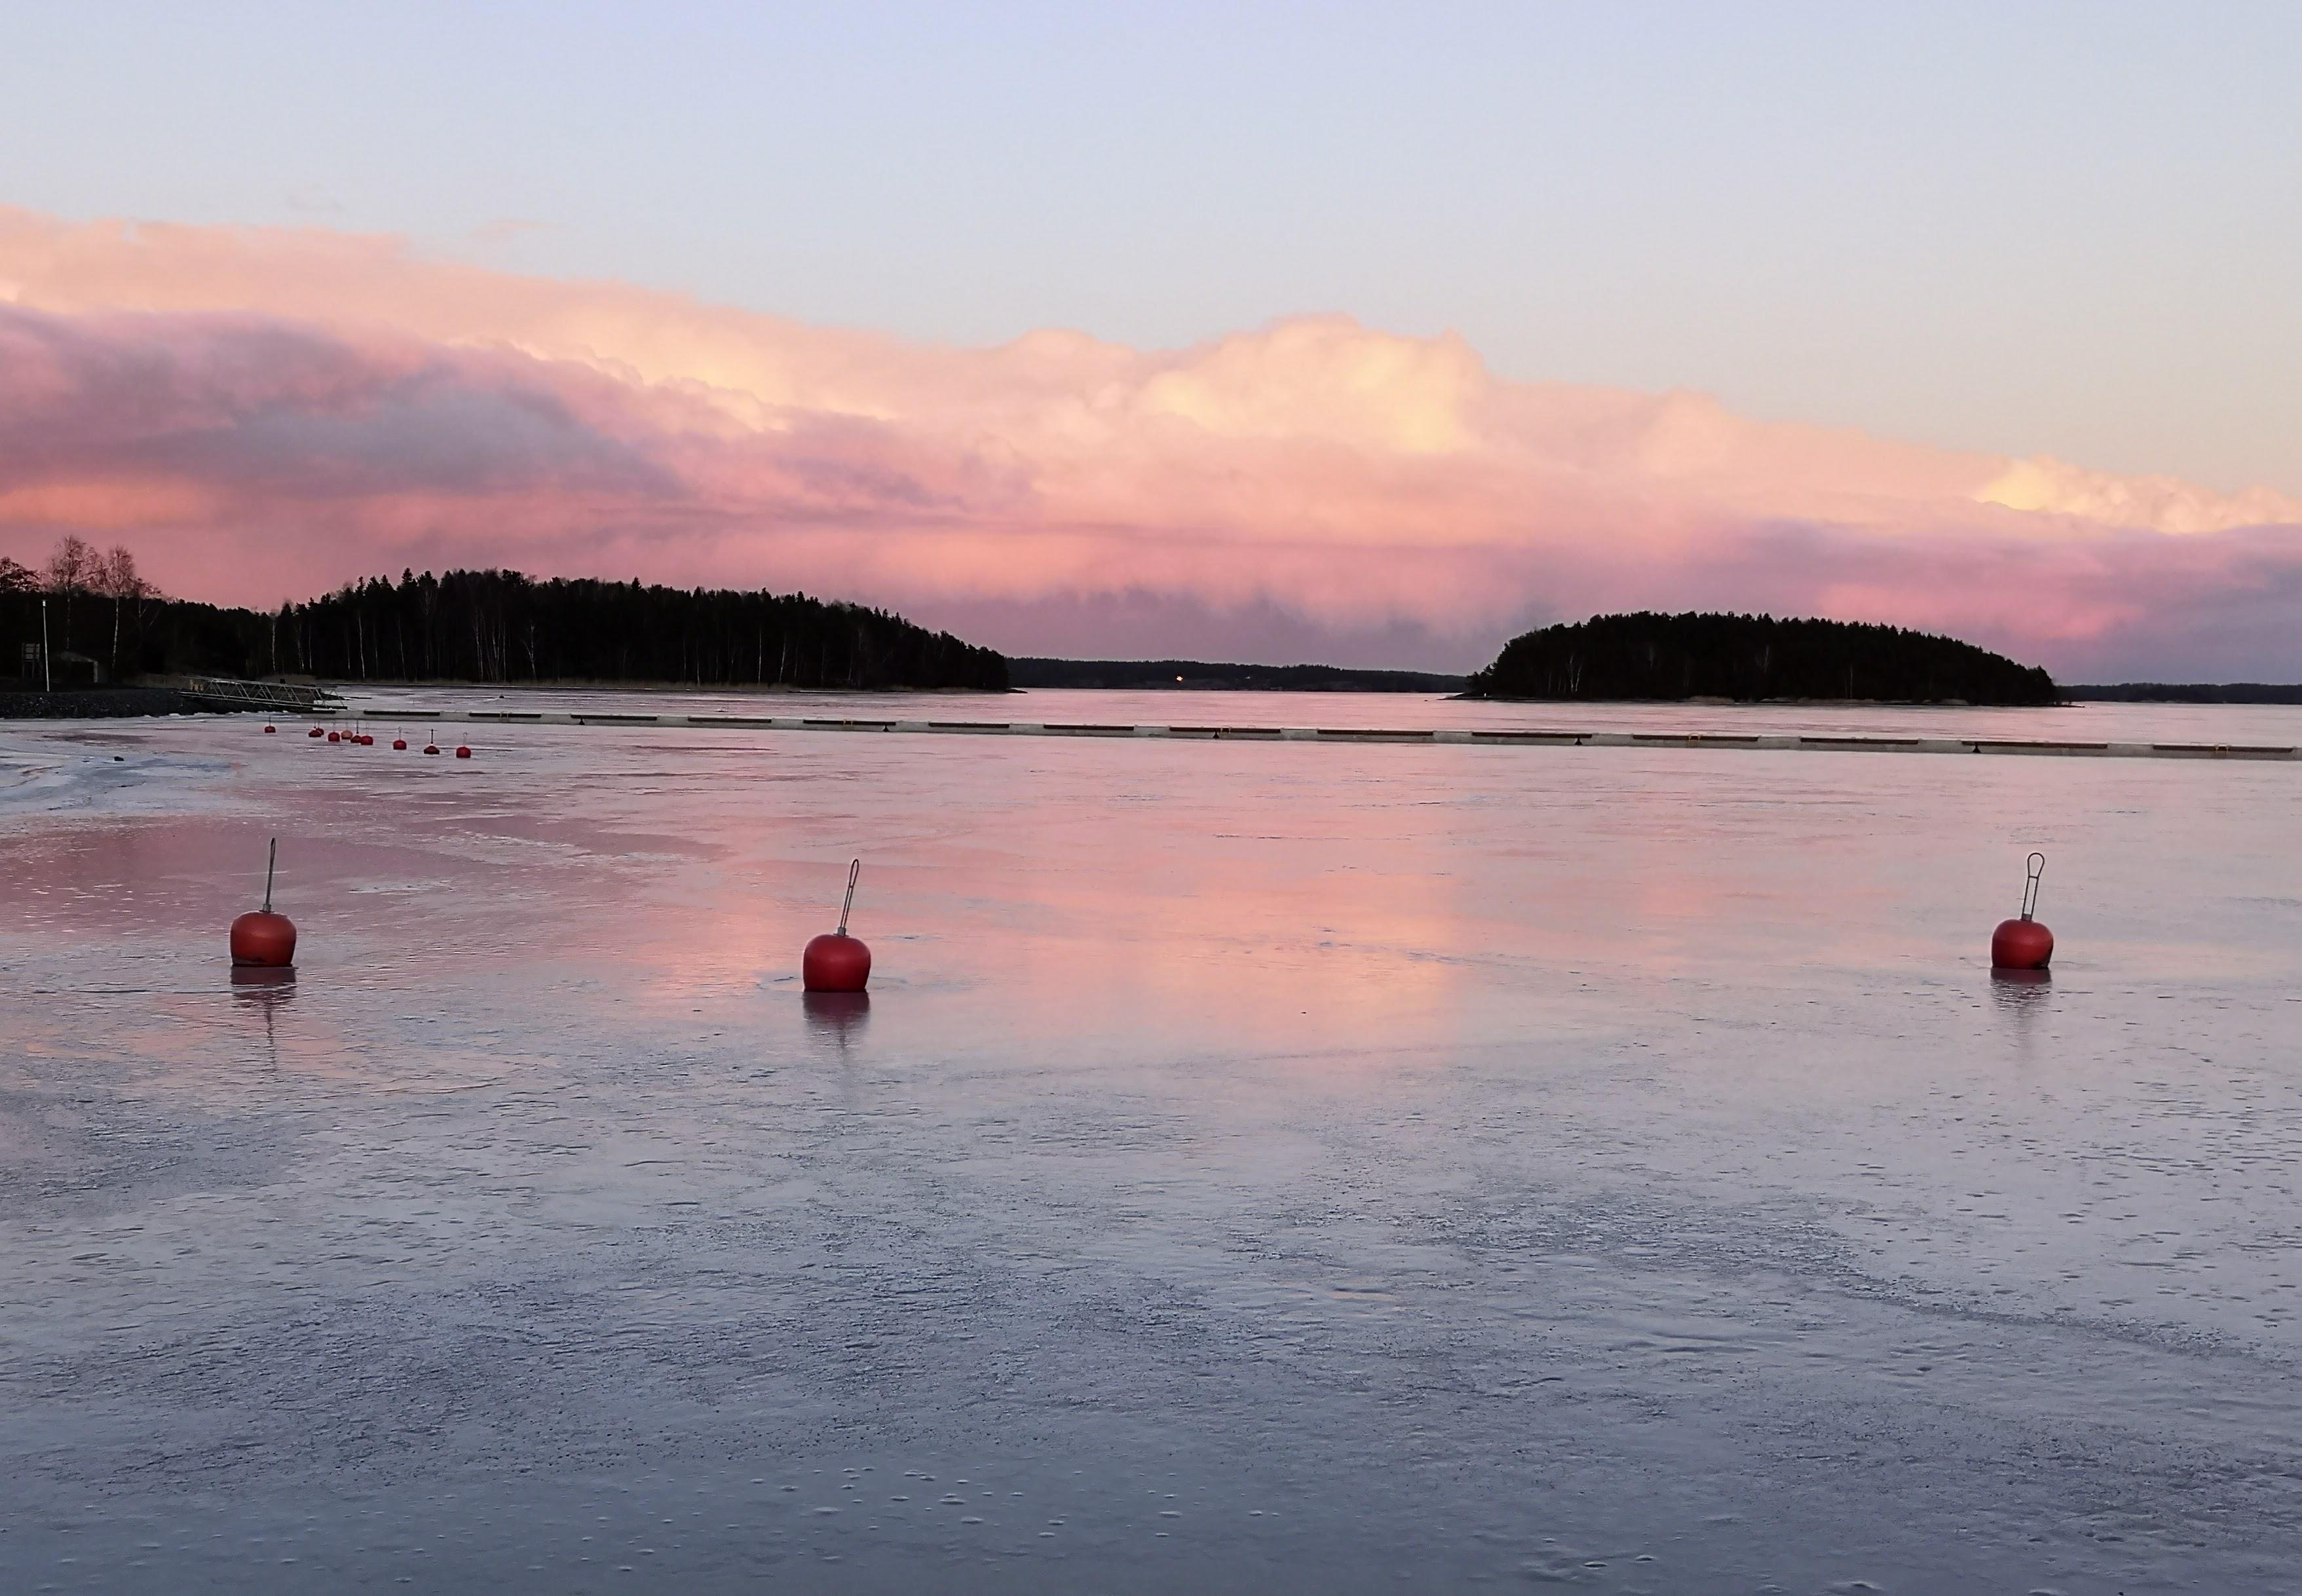 Vaaleanpunainen taivas, merta auringonlaskun aikaan Taalintehtaalla